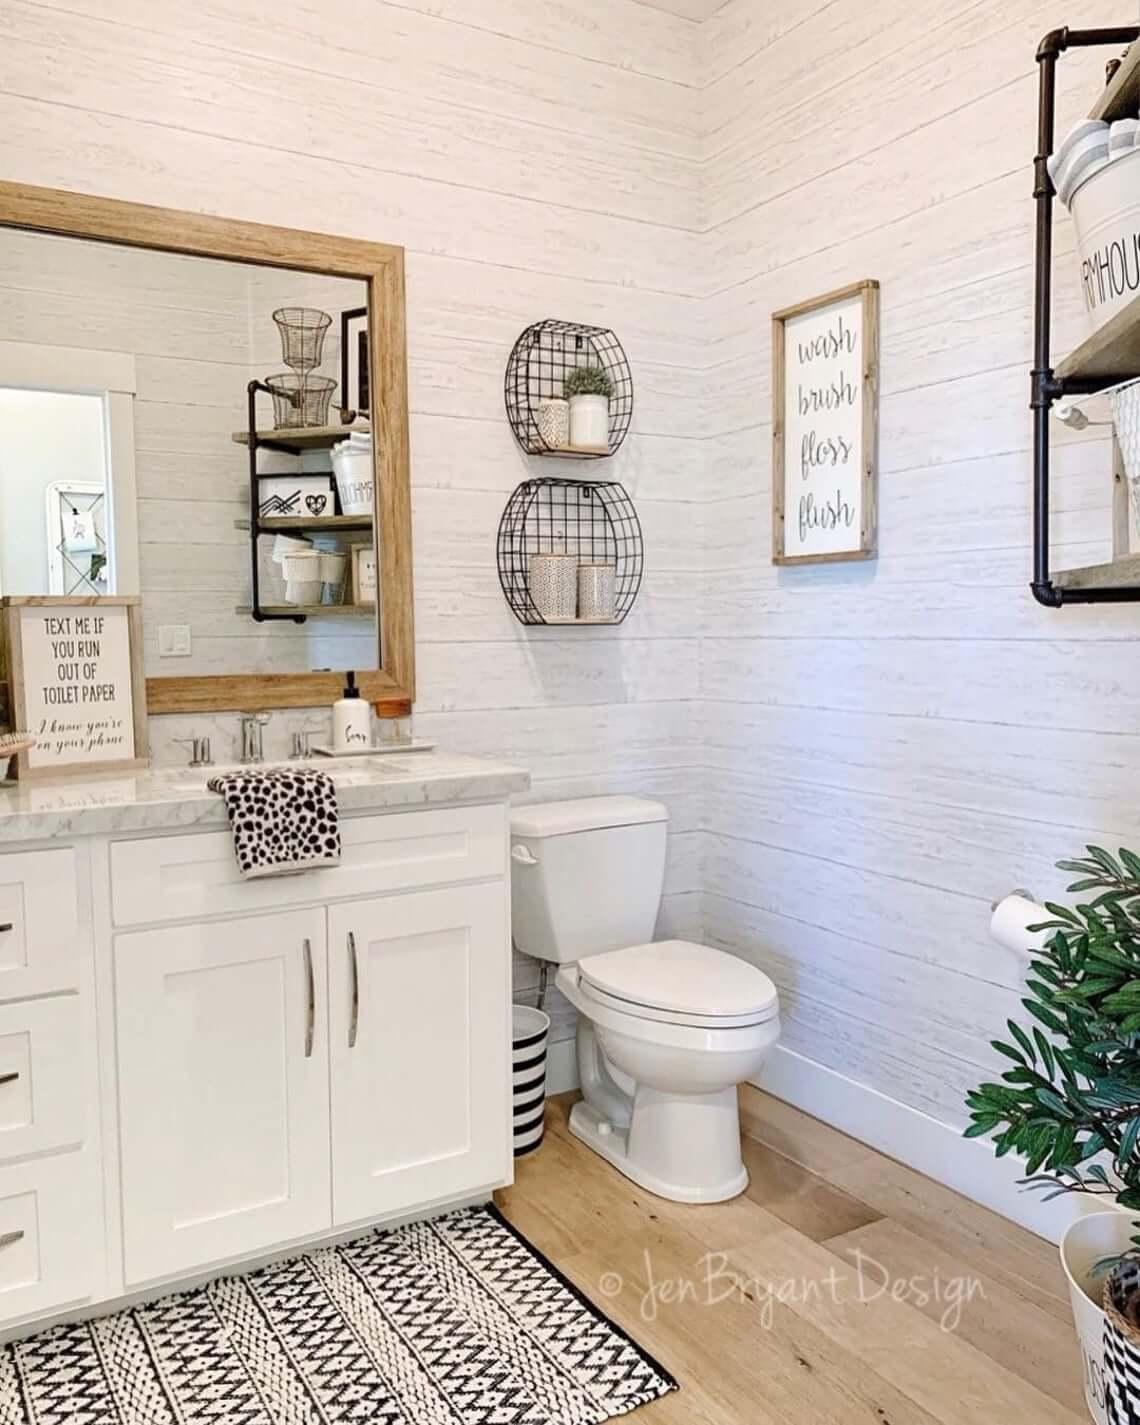 50 Best Farmhouse Bathroom Design And, Modern Farmhouse Bathroom Wall Decor Ideas